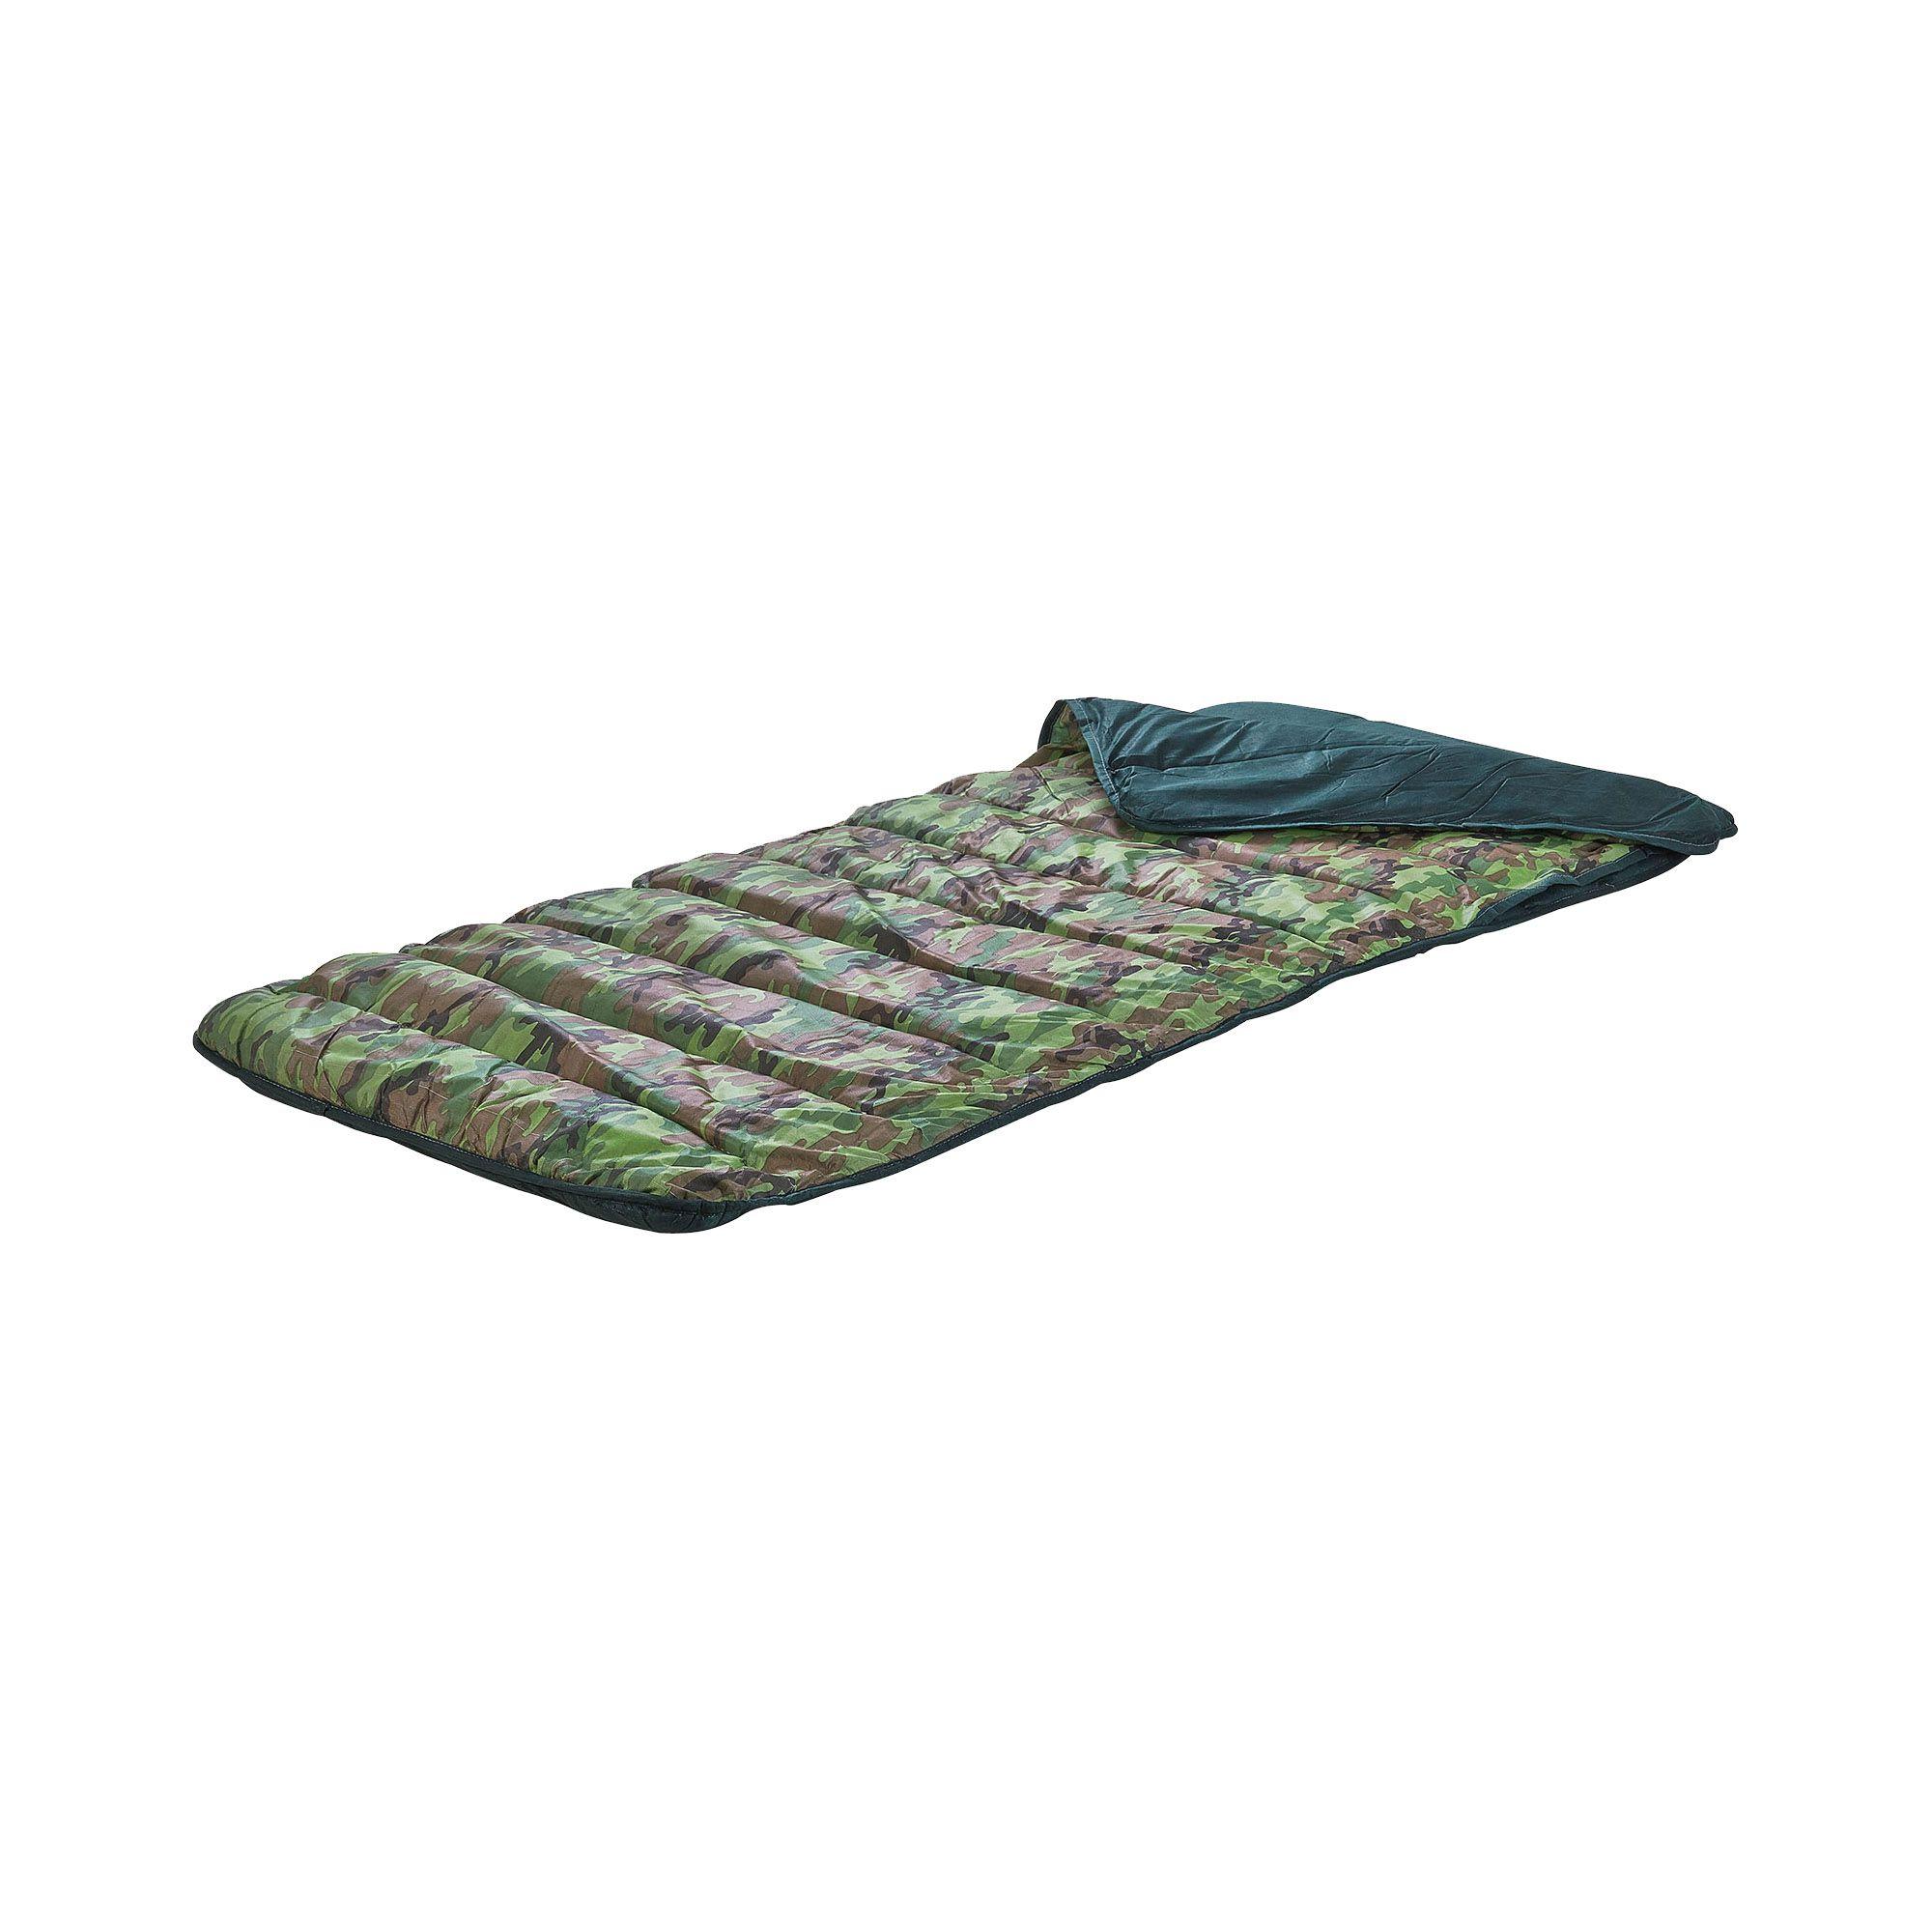 Colchonete e Saco de Dormir 2 em 1 Duo Camp, 185 x 065 cm